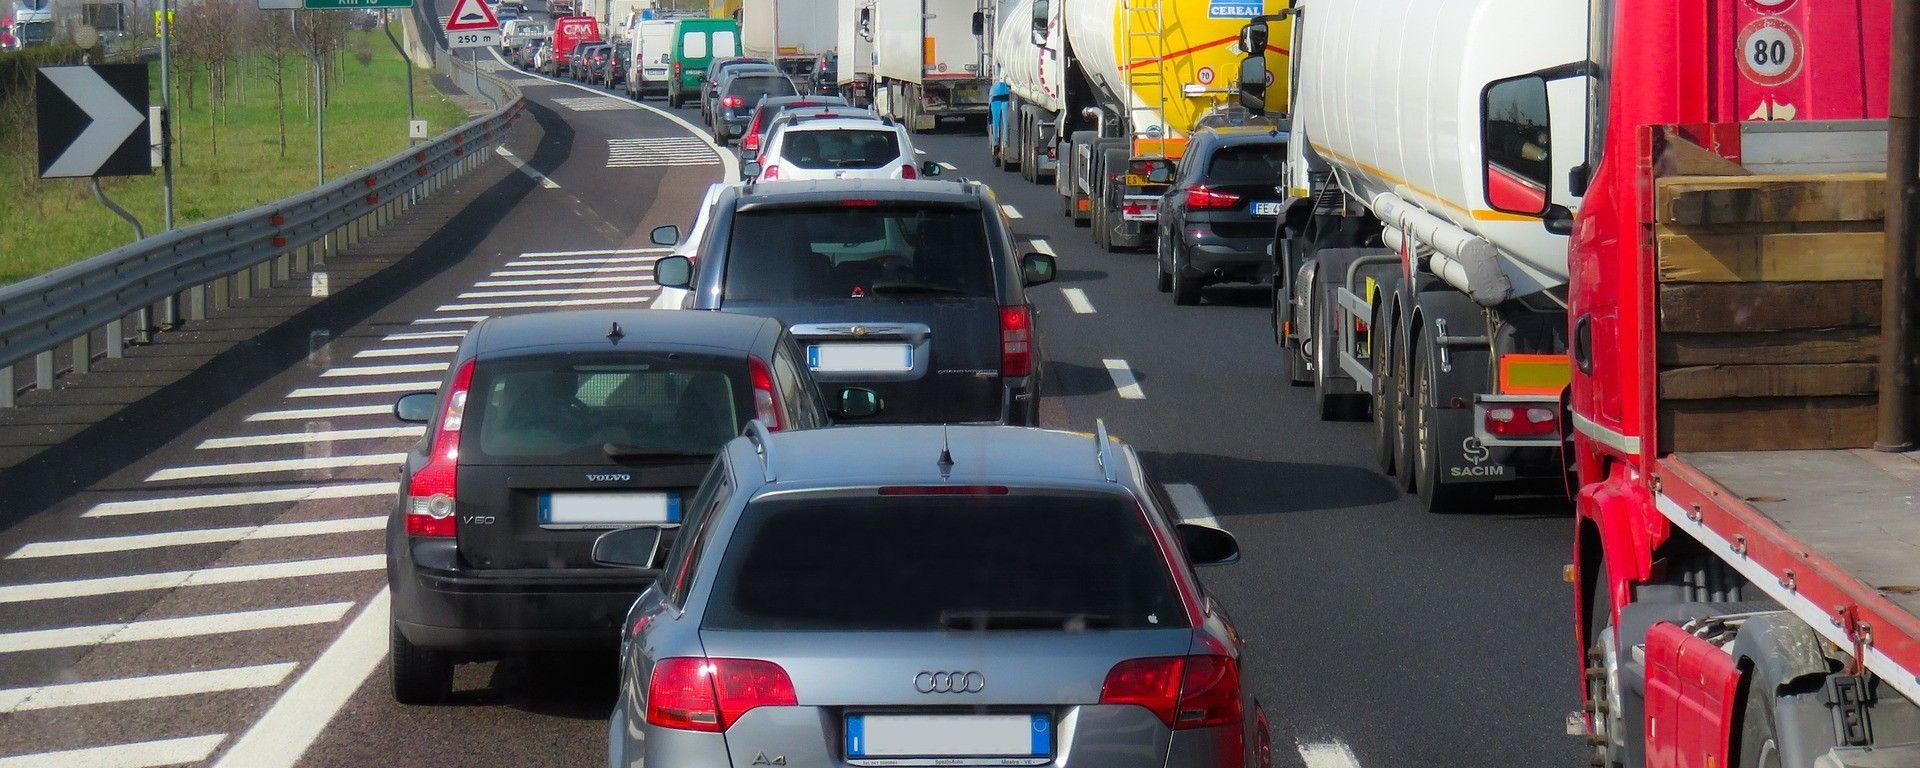 Traffico in autostrada: le previsioni per agosto 2017